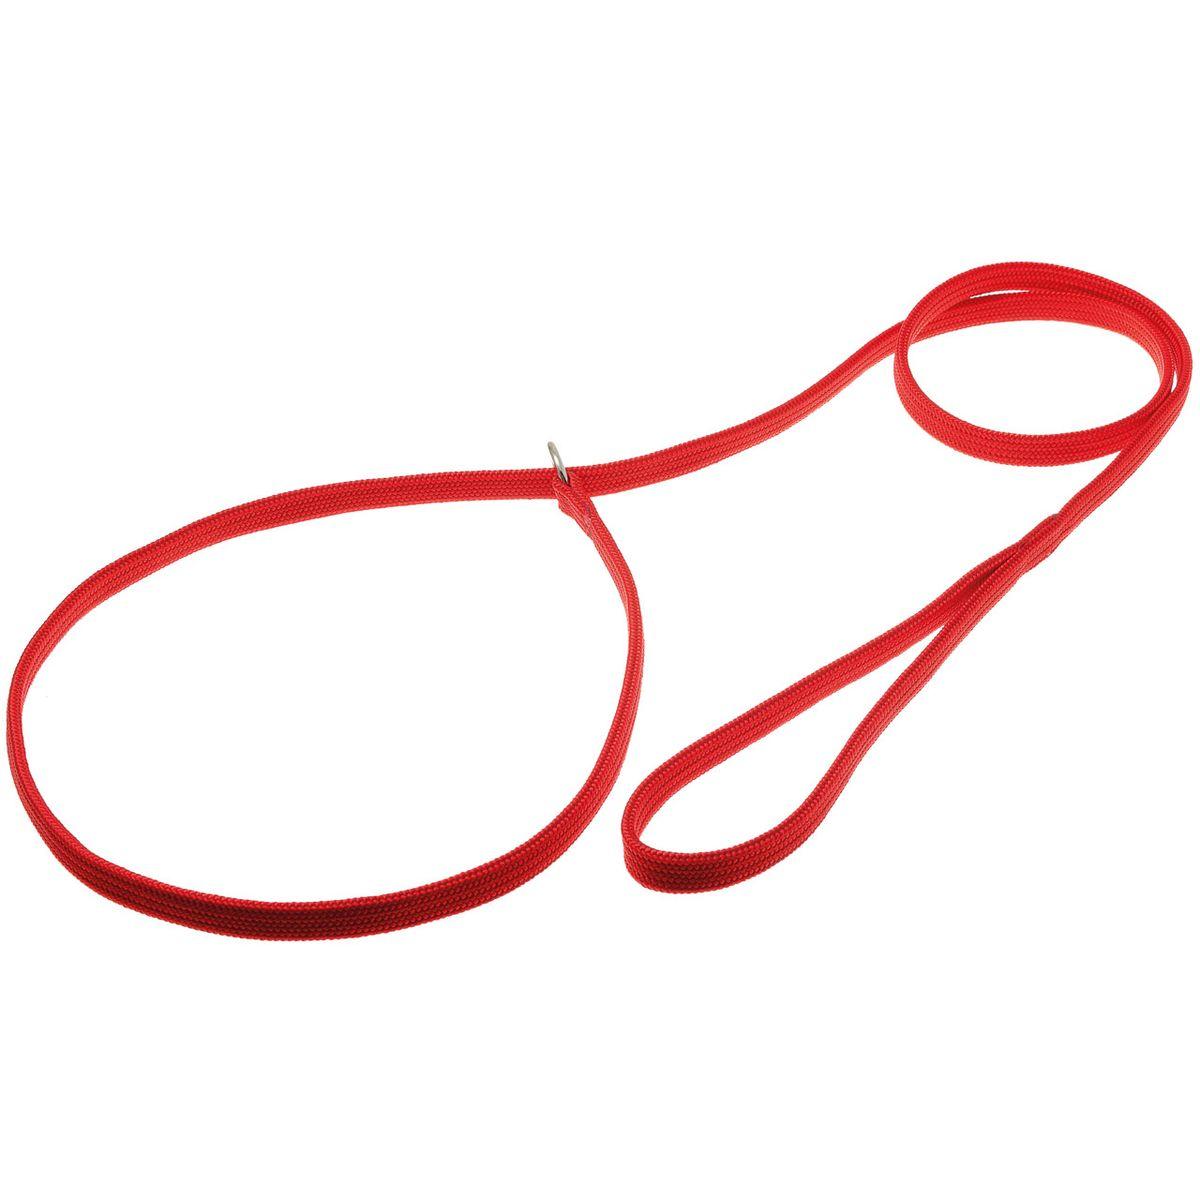 Поводок для собак V.I.Pet, цвет: красный, ширина 10 мм, длина 1,5 м. 74-23880120710Поводок-удавка V.I.Pet состоит из петли с фиксатором и, собственно, поводка. Является самым распространенным видом выставочной амуниции. Подходит также для повседневного использования.